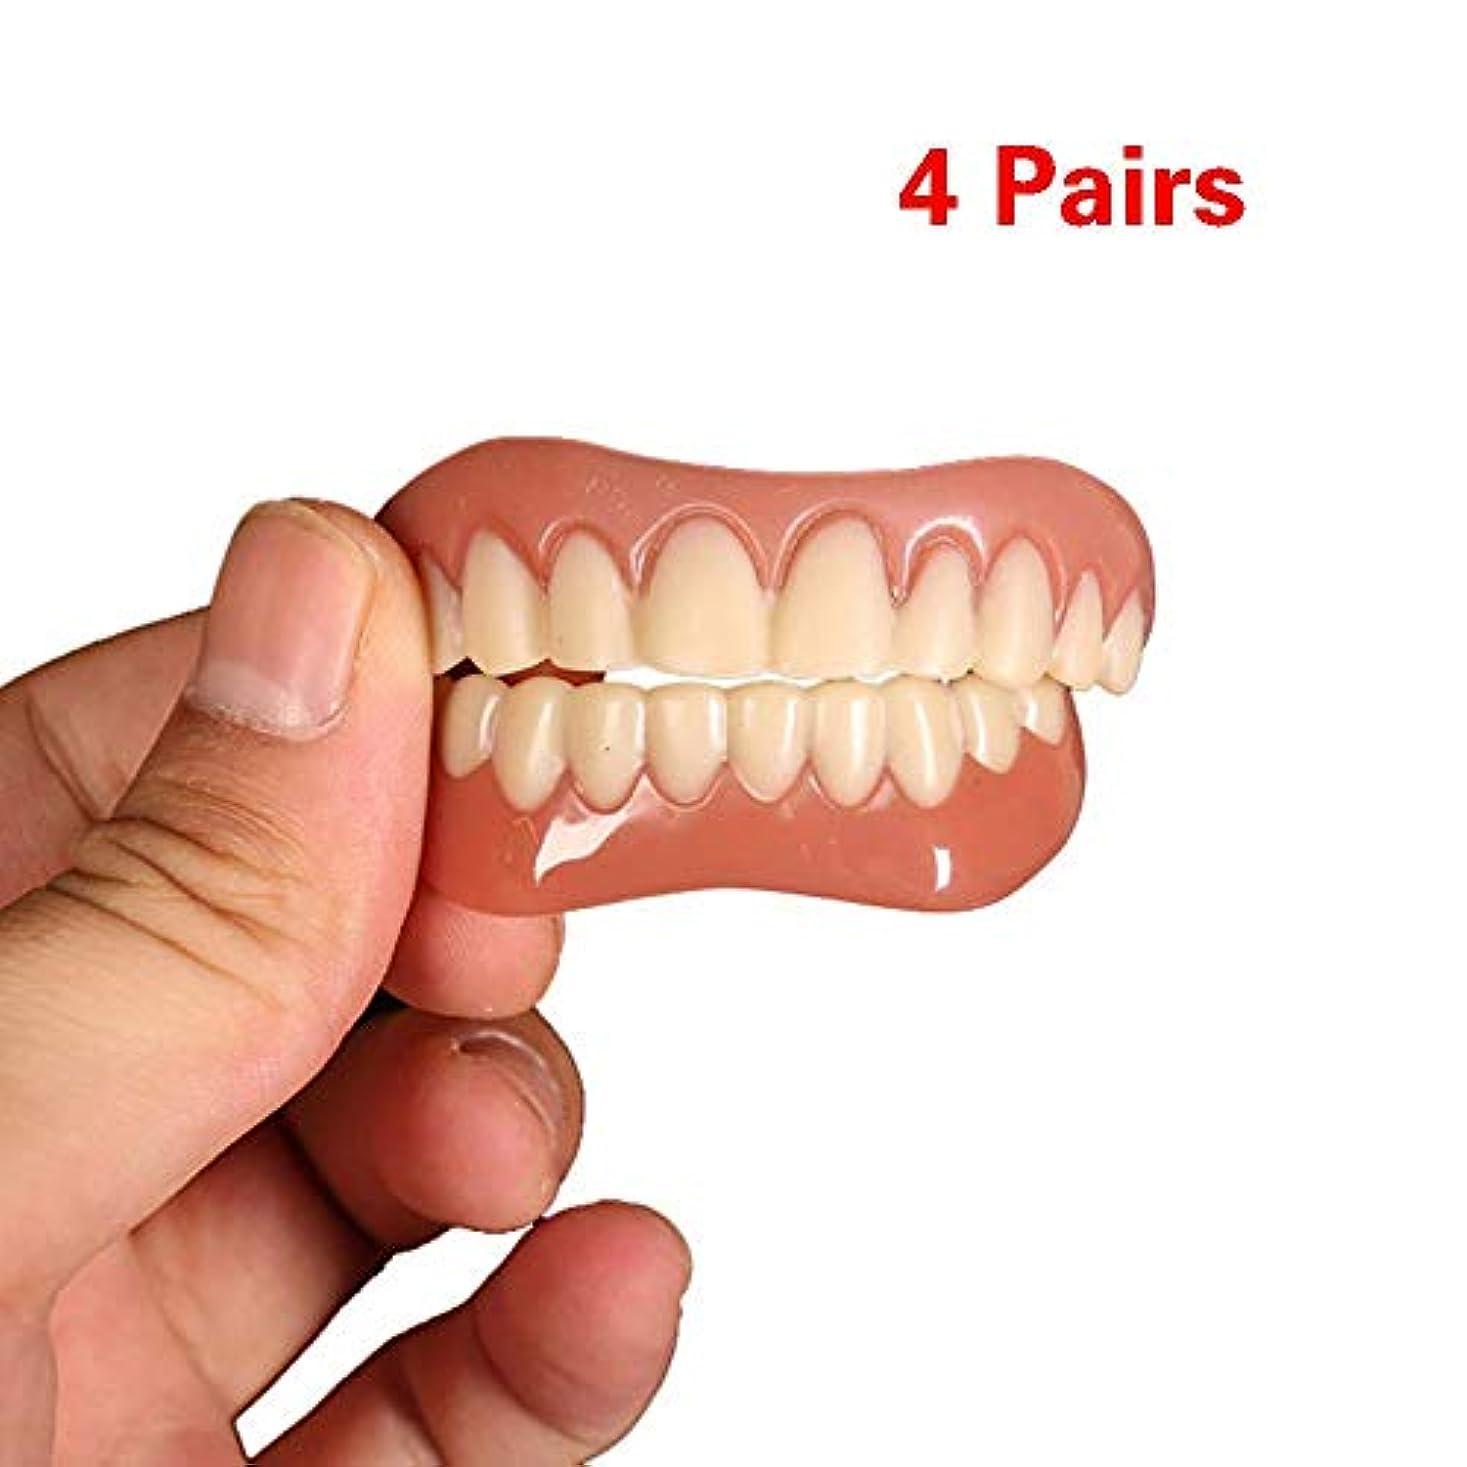 並外れた書店暗殺者8本の歯の快適さフィットフレックス化粧品の歯義歯の歯のトップ化粧品のベニヤシミュレーションブレース(4下+ 4トップ)